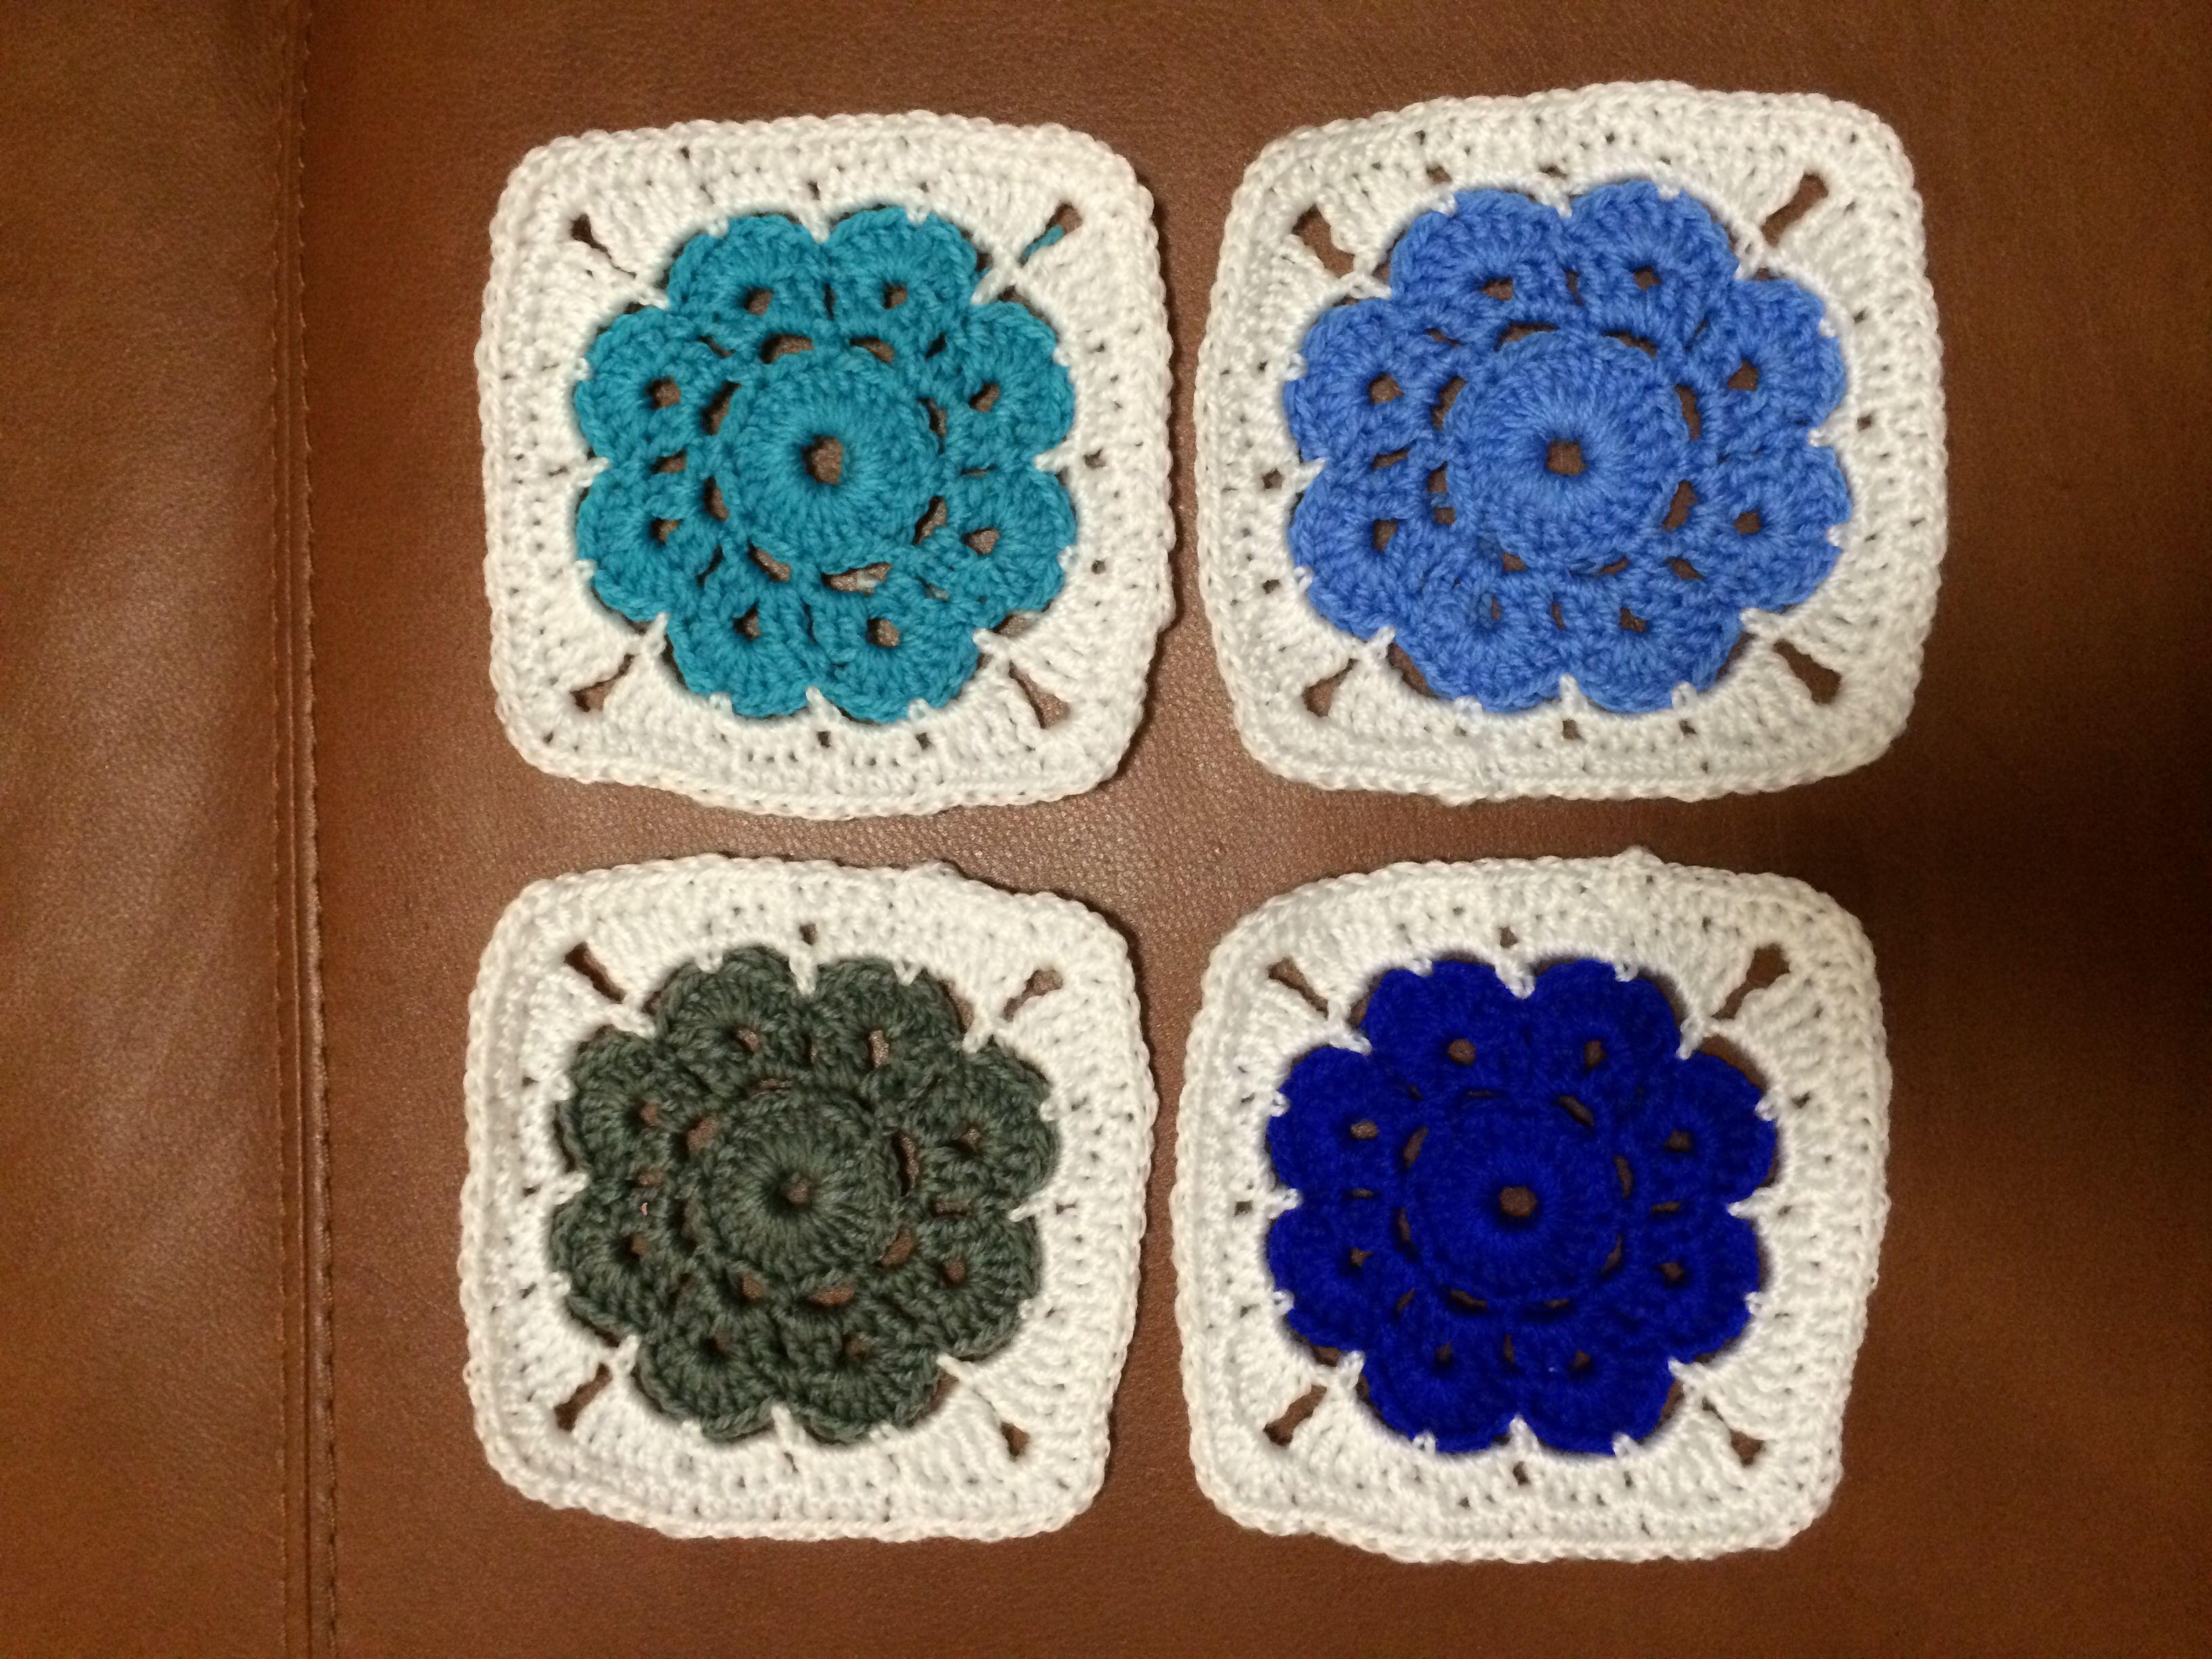 Maybelle flower crochet cool colours | Crochet | Pinterest